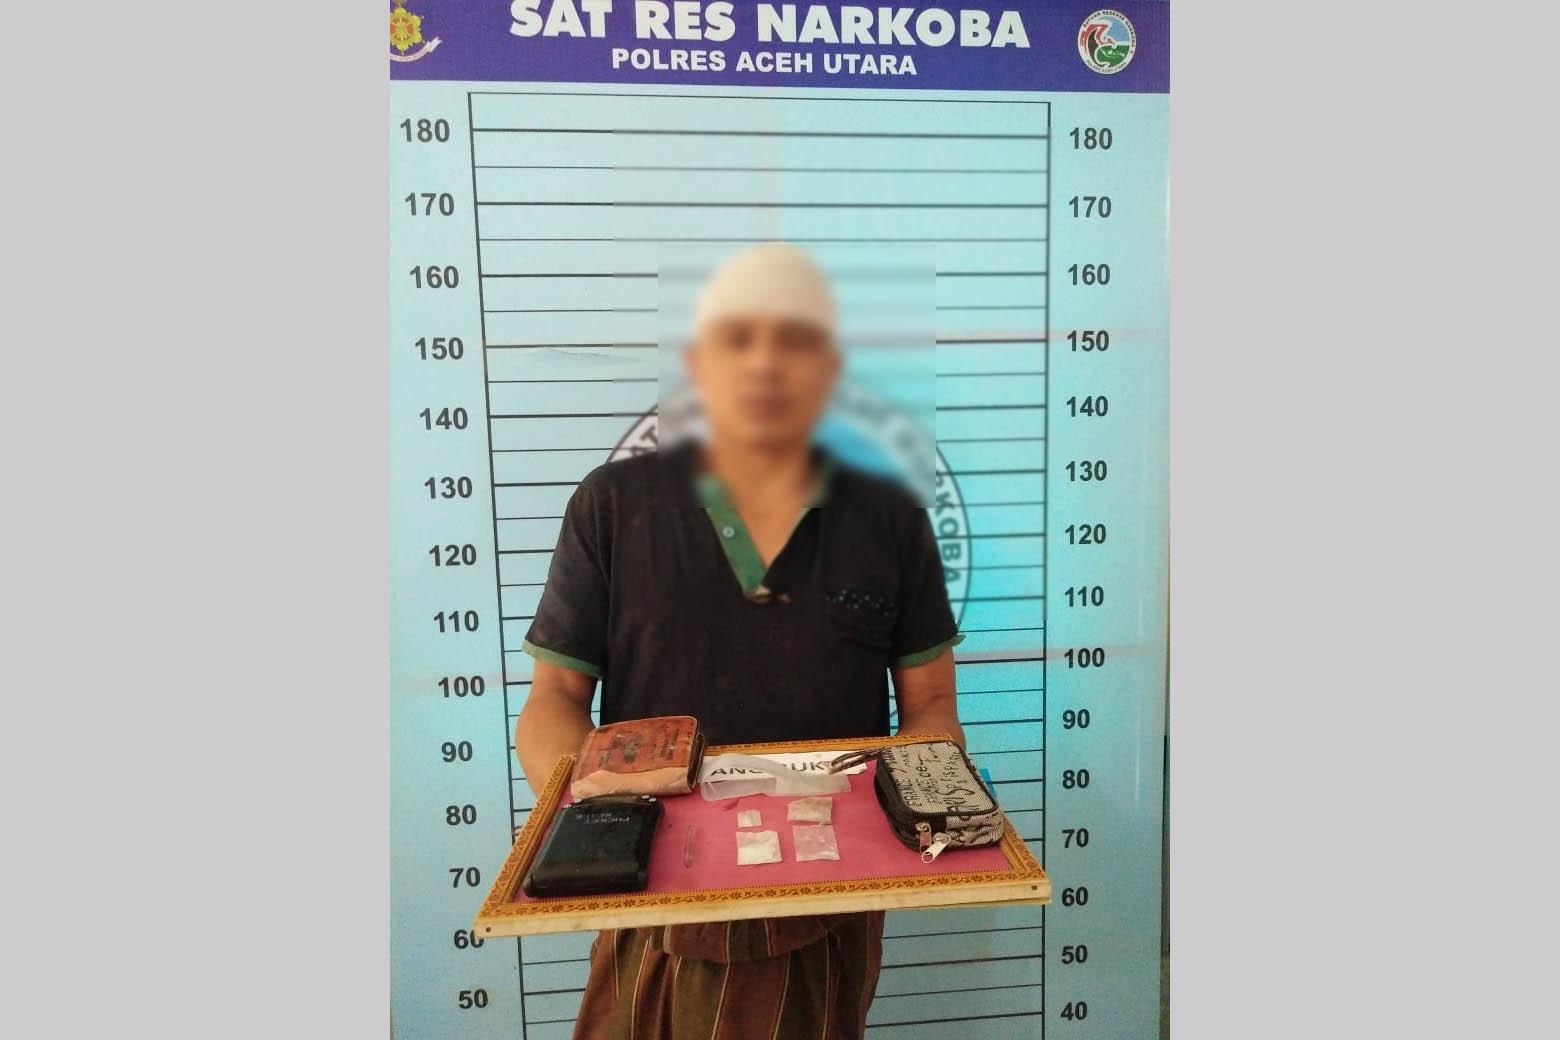 Maini, Buronan Kasus Narkoba Polres Aceh Utara dilumpuhkan dengan Tembakan